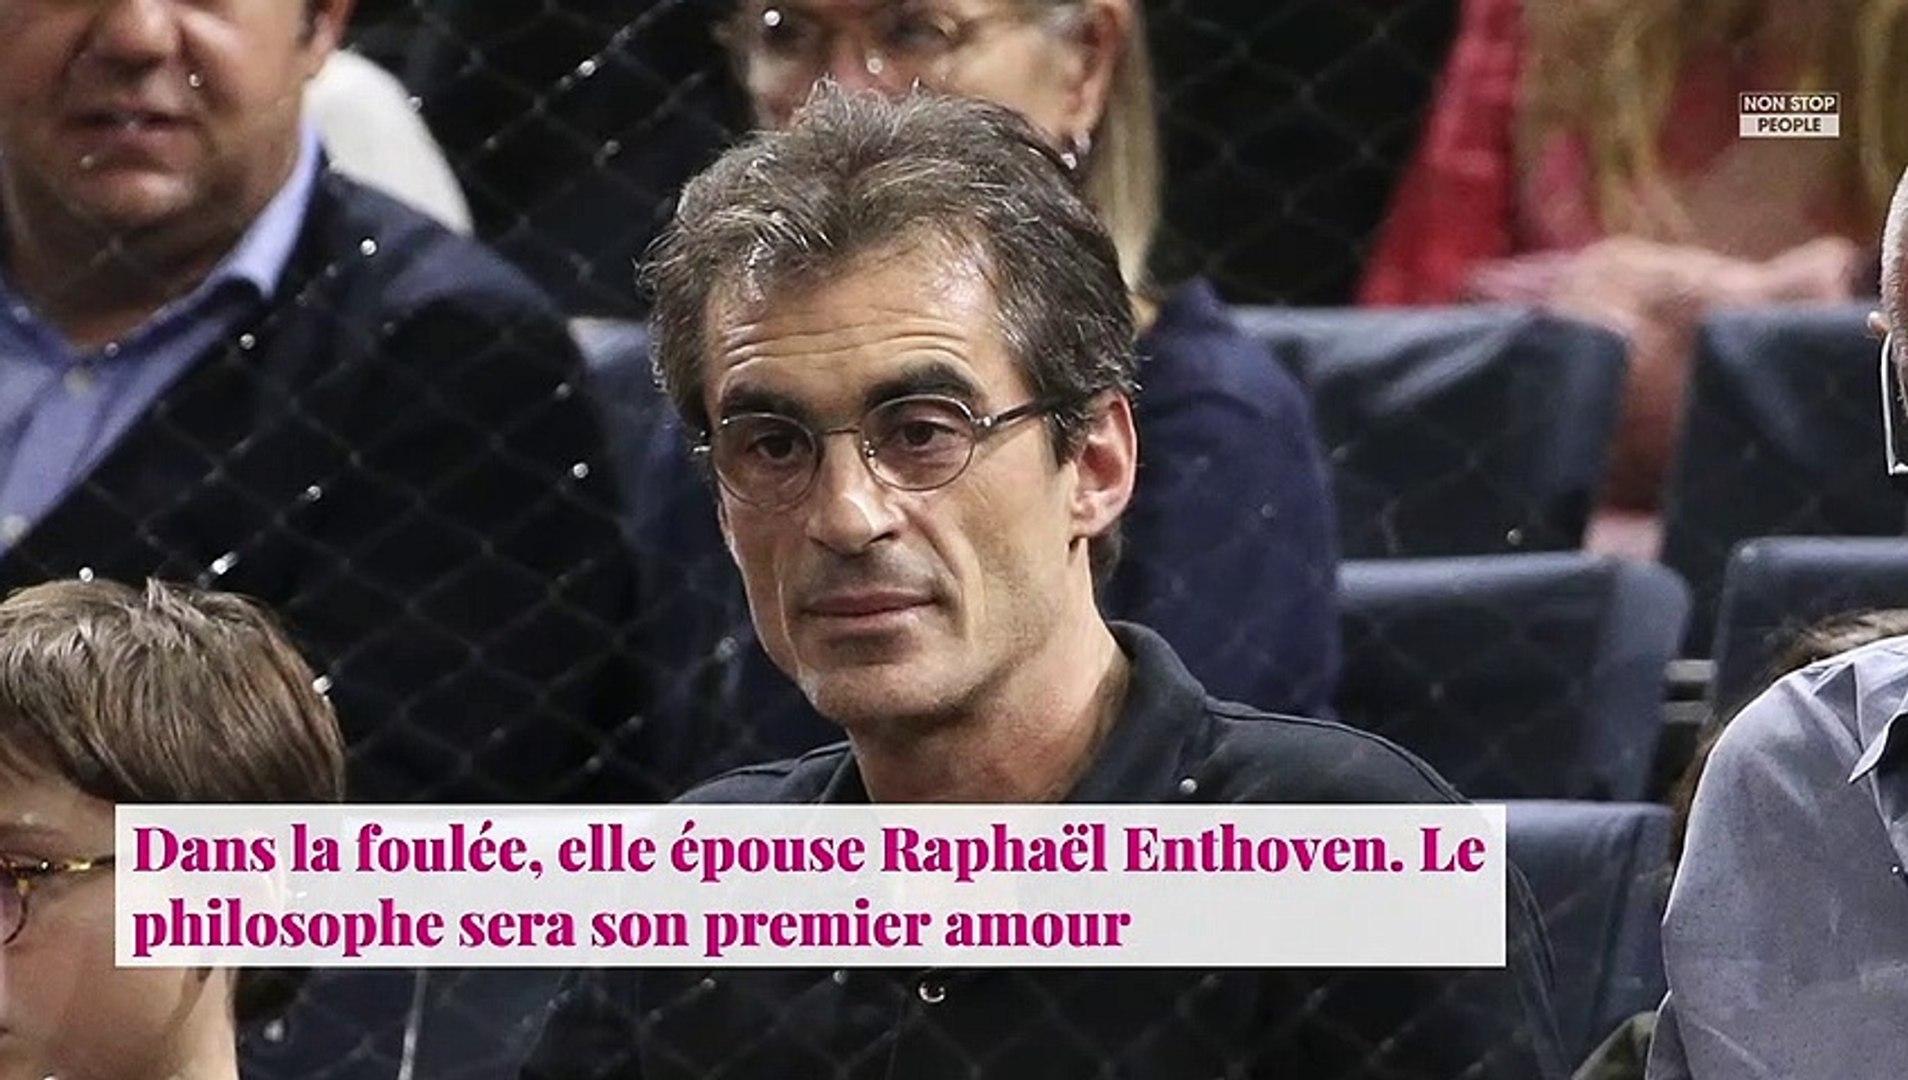 Raphael Enthoven L Ex De Carla Bruni Balance Sur Justine Levy Dans Son Livre Video Dailymotion